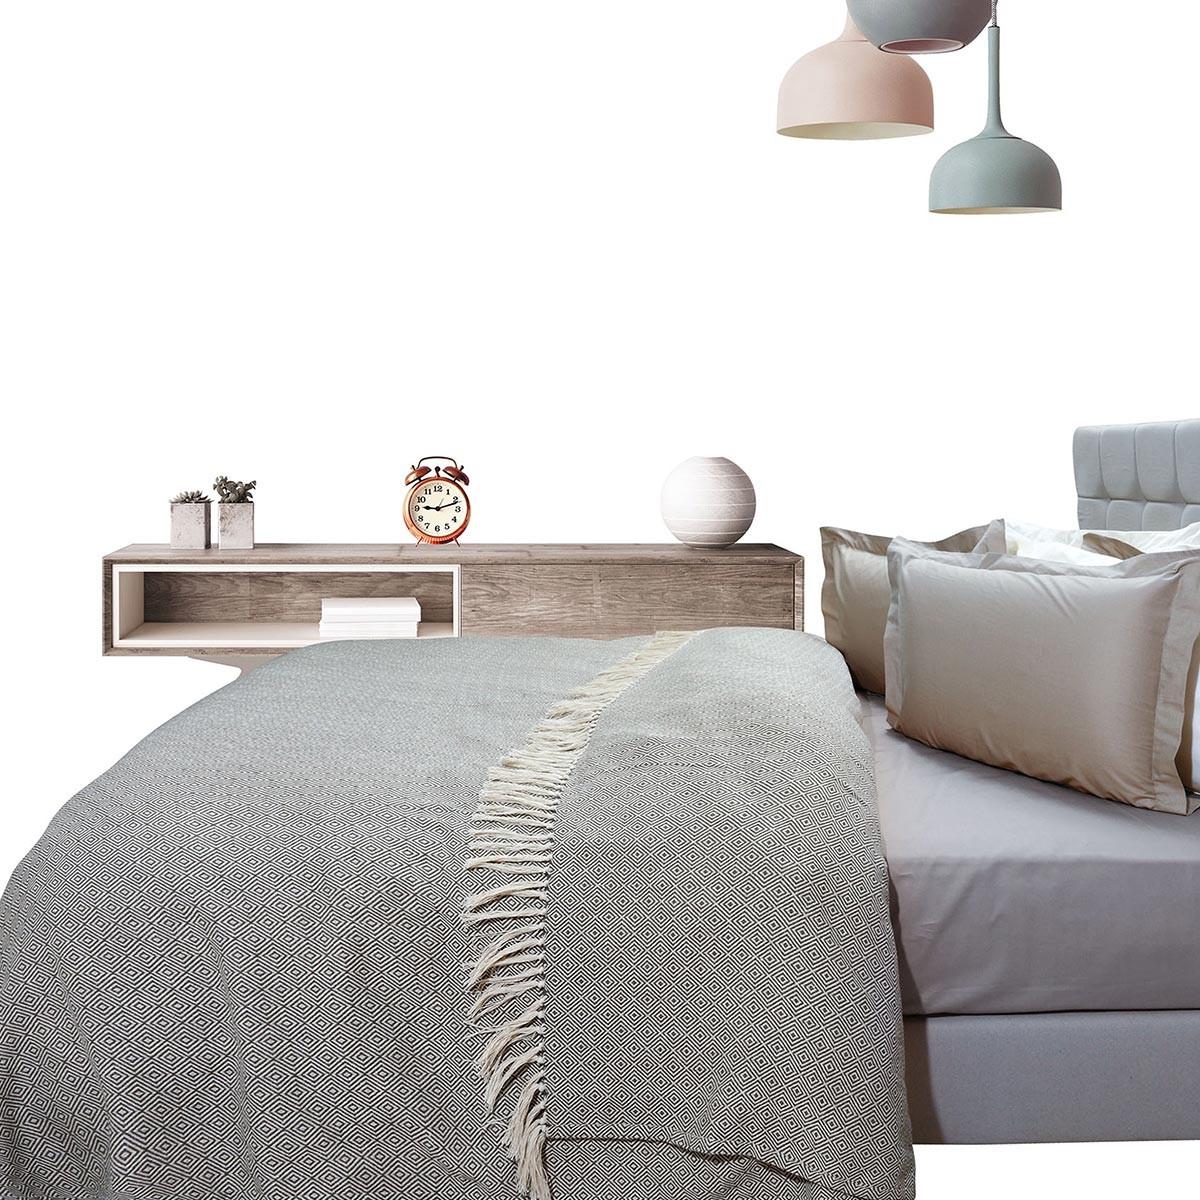 Κουβερτόριο Υπέρδιπλο Das Home Blanket Line Jacquard 384 66691